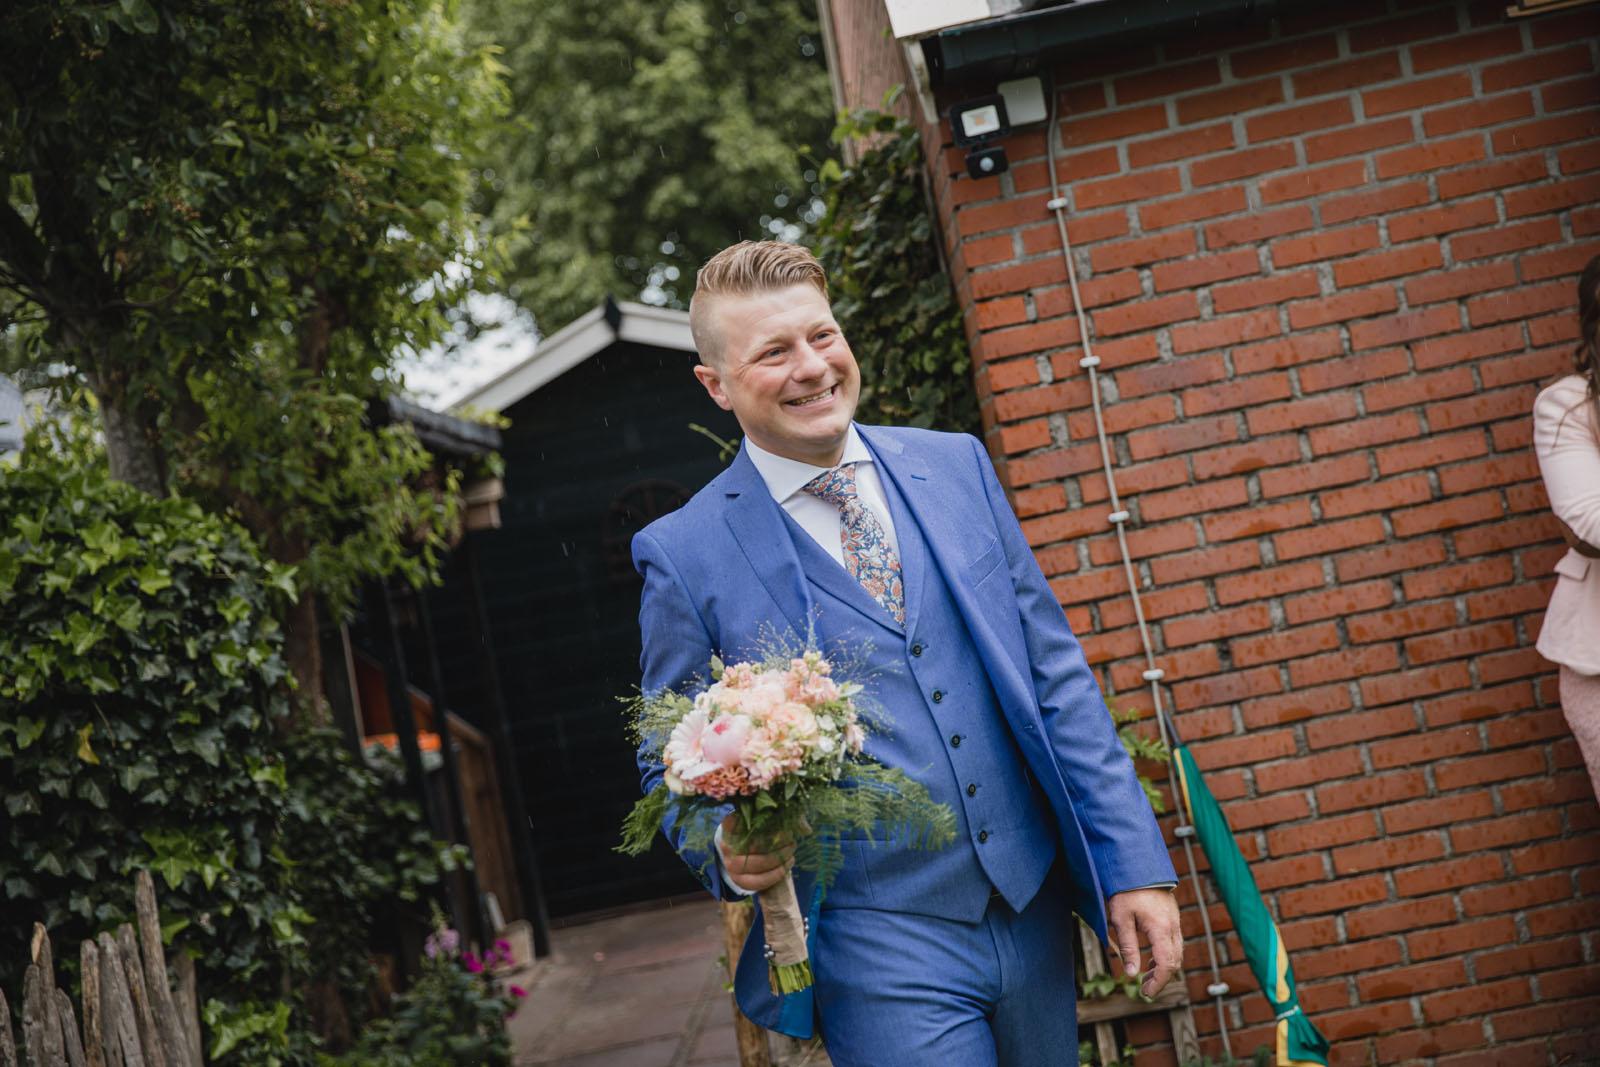 De_Kruimel_Gasselte_Bruidsfotografie_Bjorn_Milou_Drenthe_Groningen_Scheemda_00024